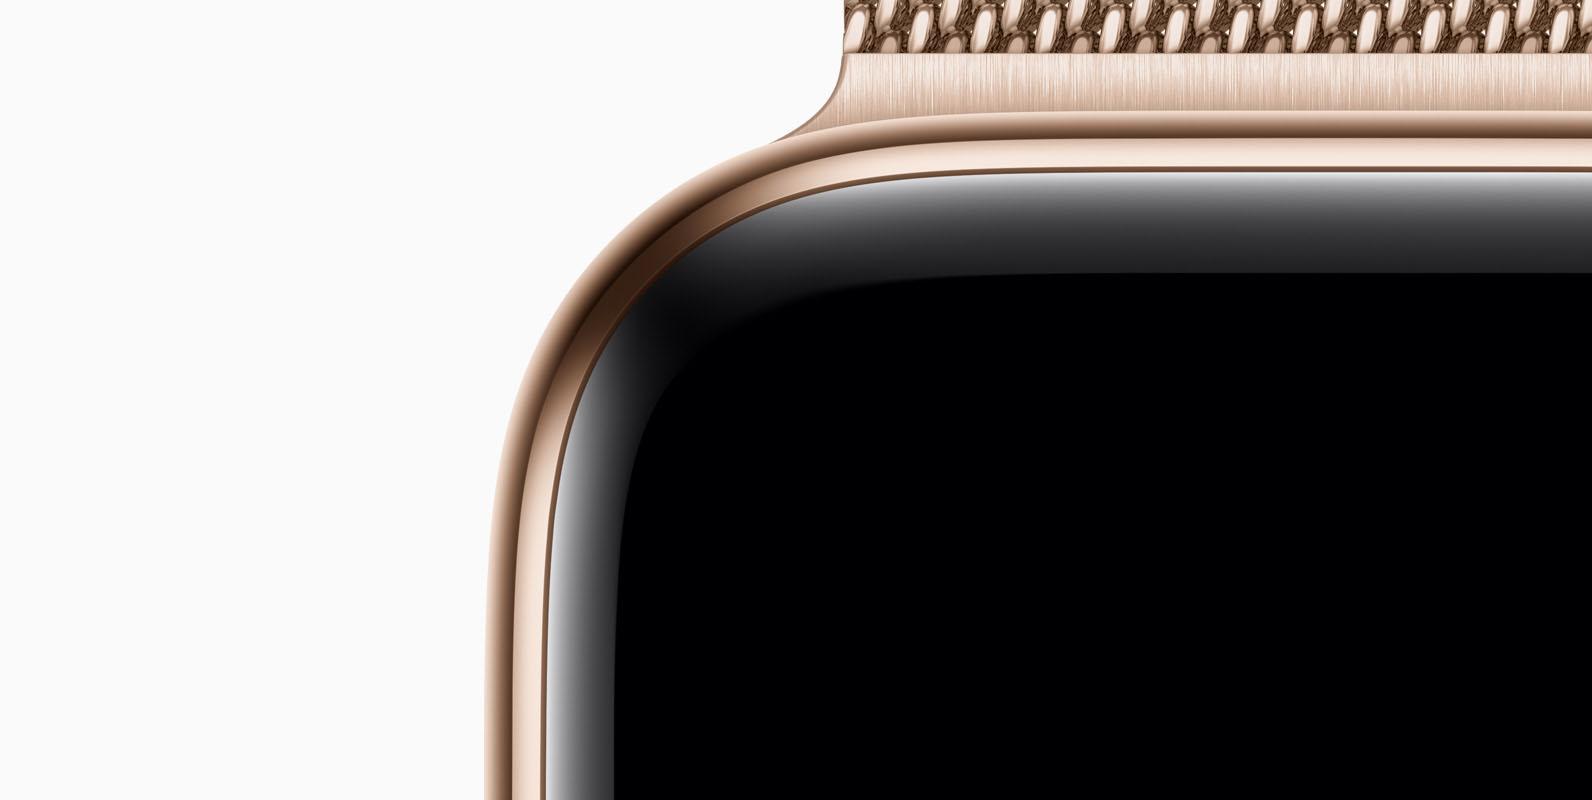 Apple Watch goud Series 4